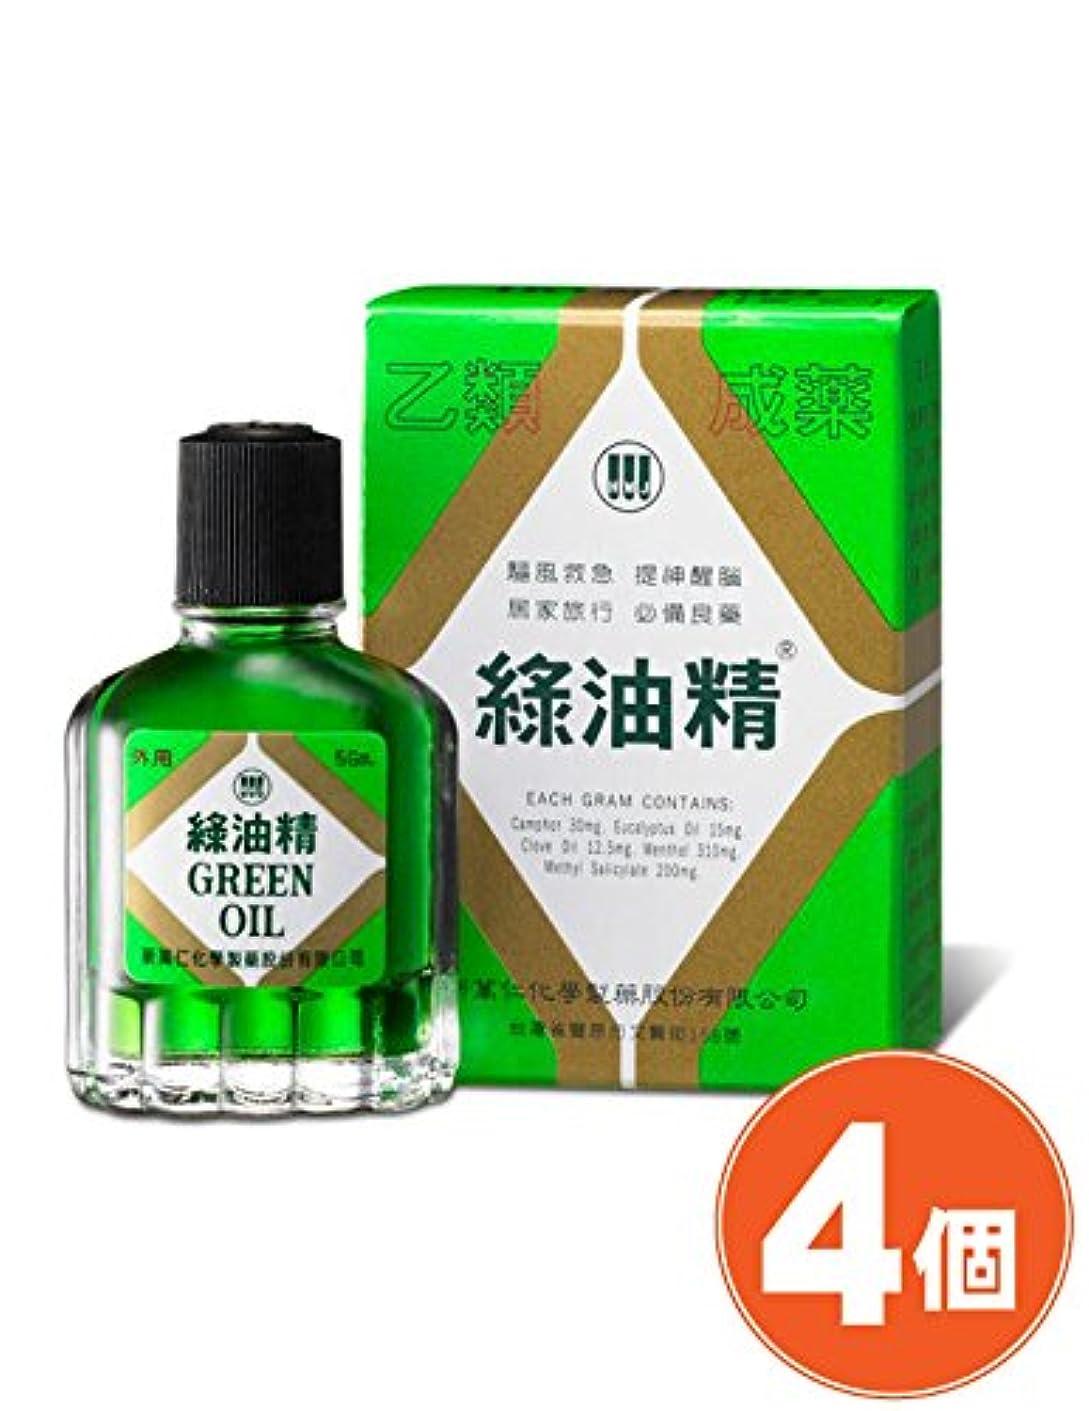 ロンドン急襲許容できる《新萬仁》台湾の万能グリーンオイル 緑油精 5g ×4個 《台湾 お土産》 [並行輸入品]